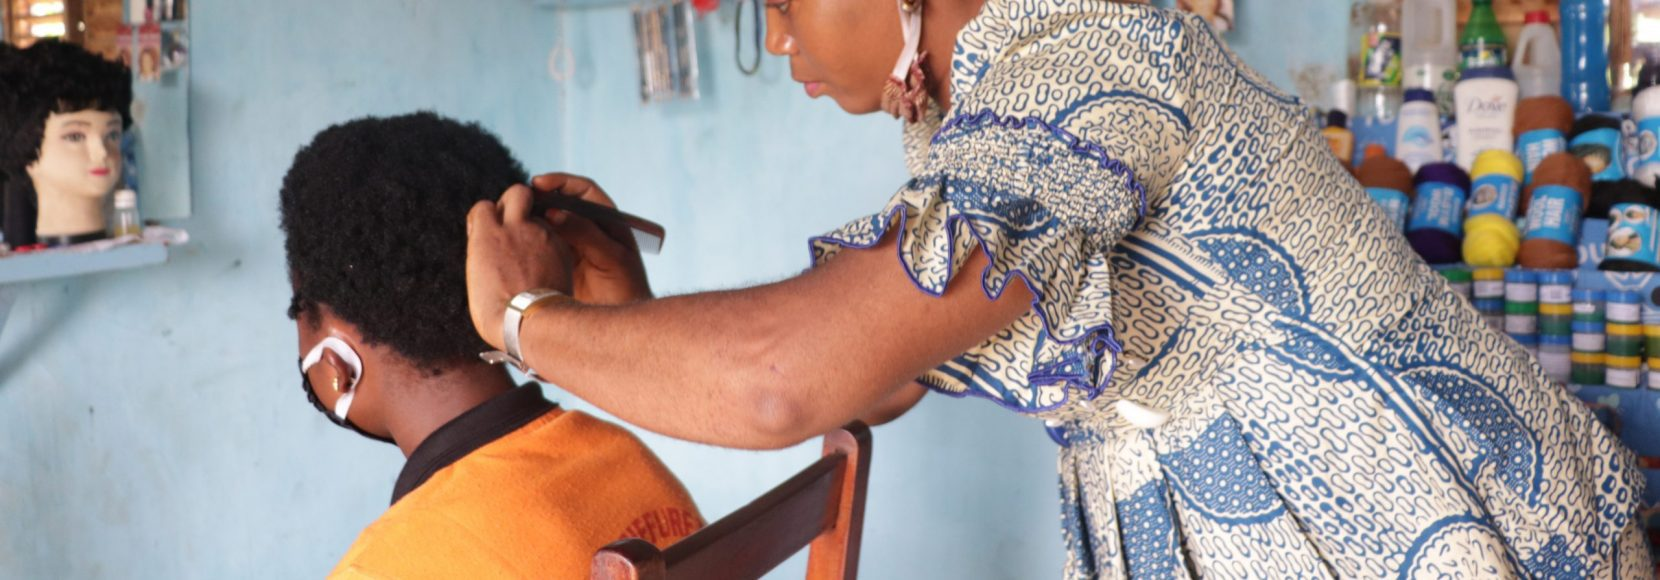 Entrepreneur Virginie Adounon owns two hair salons in Bohicon, Benin.